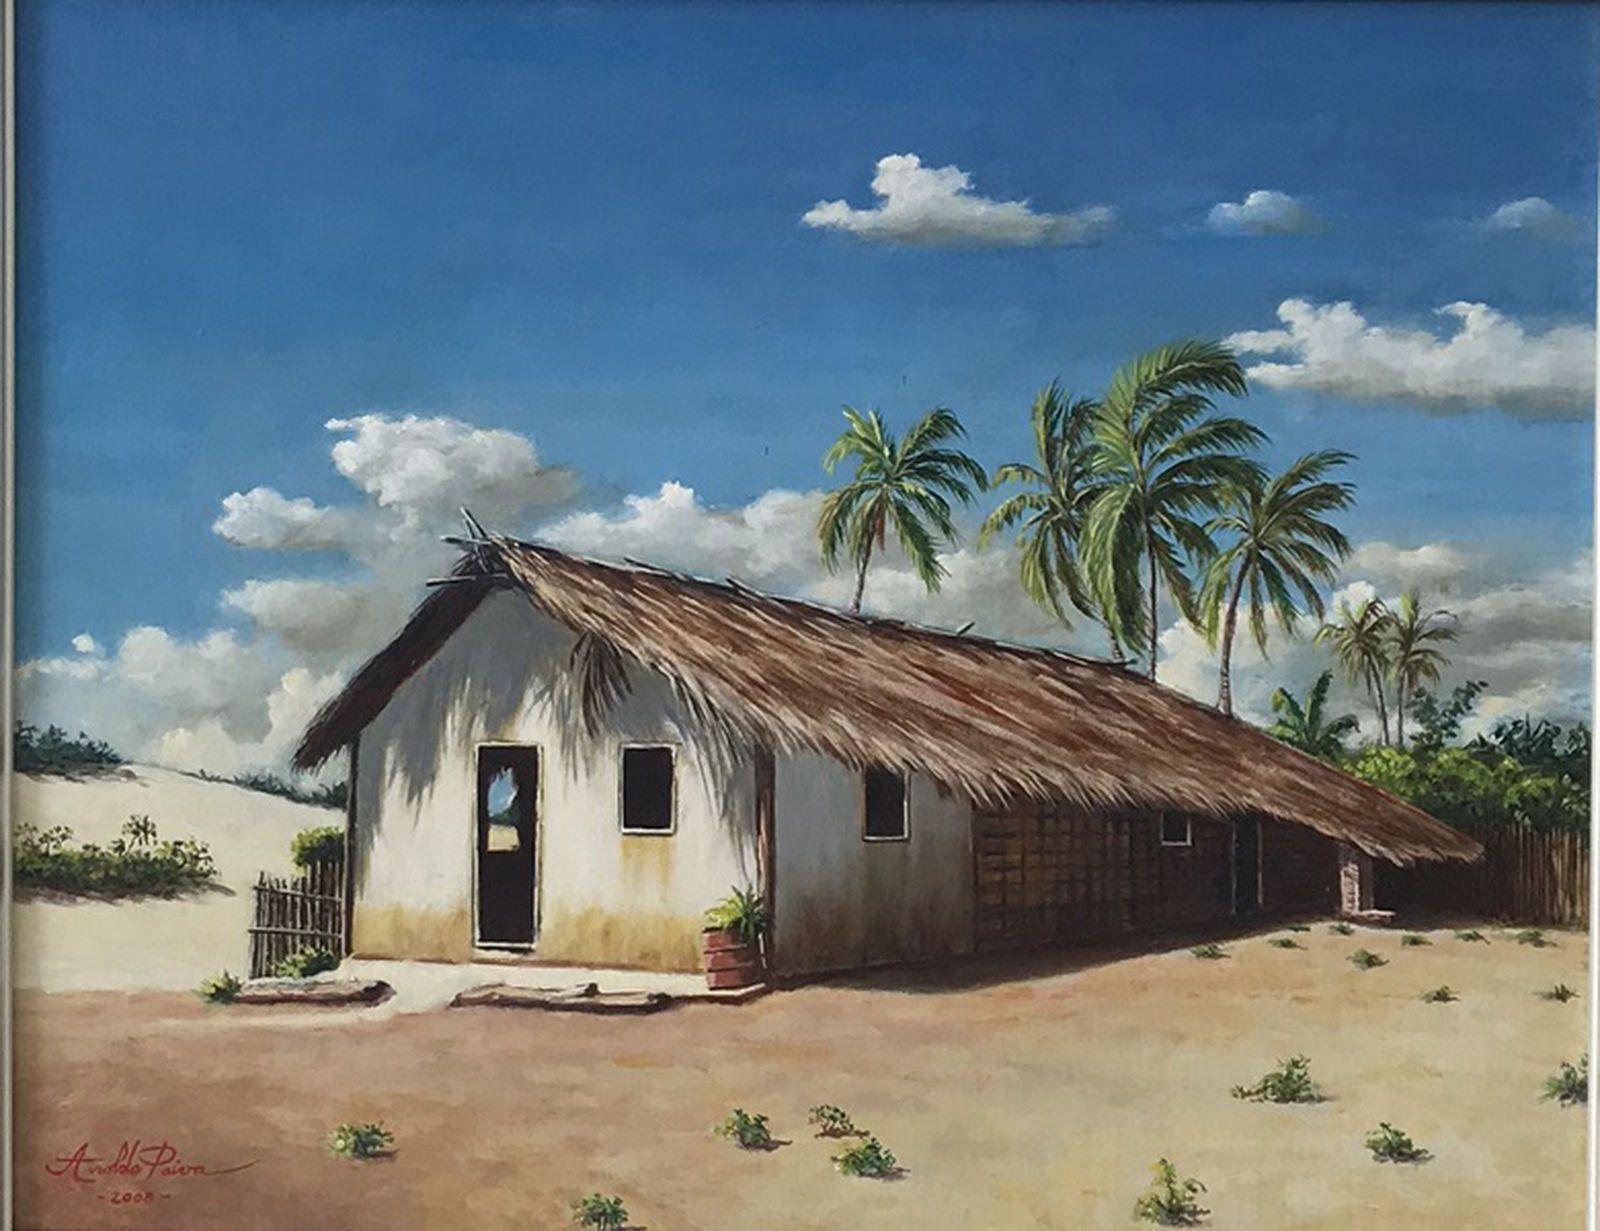 Aroldo Paiva - Casa em lençóis maranhenses, 2008